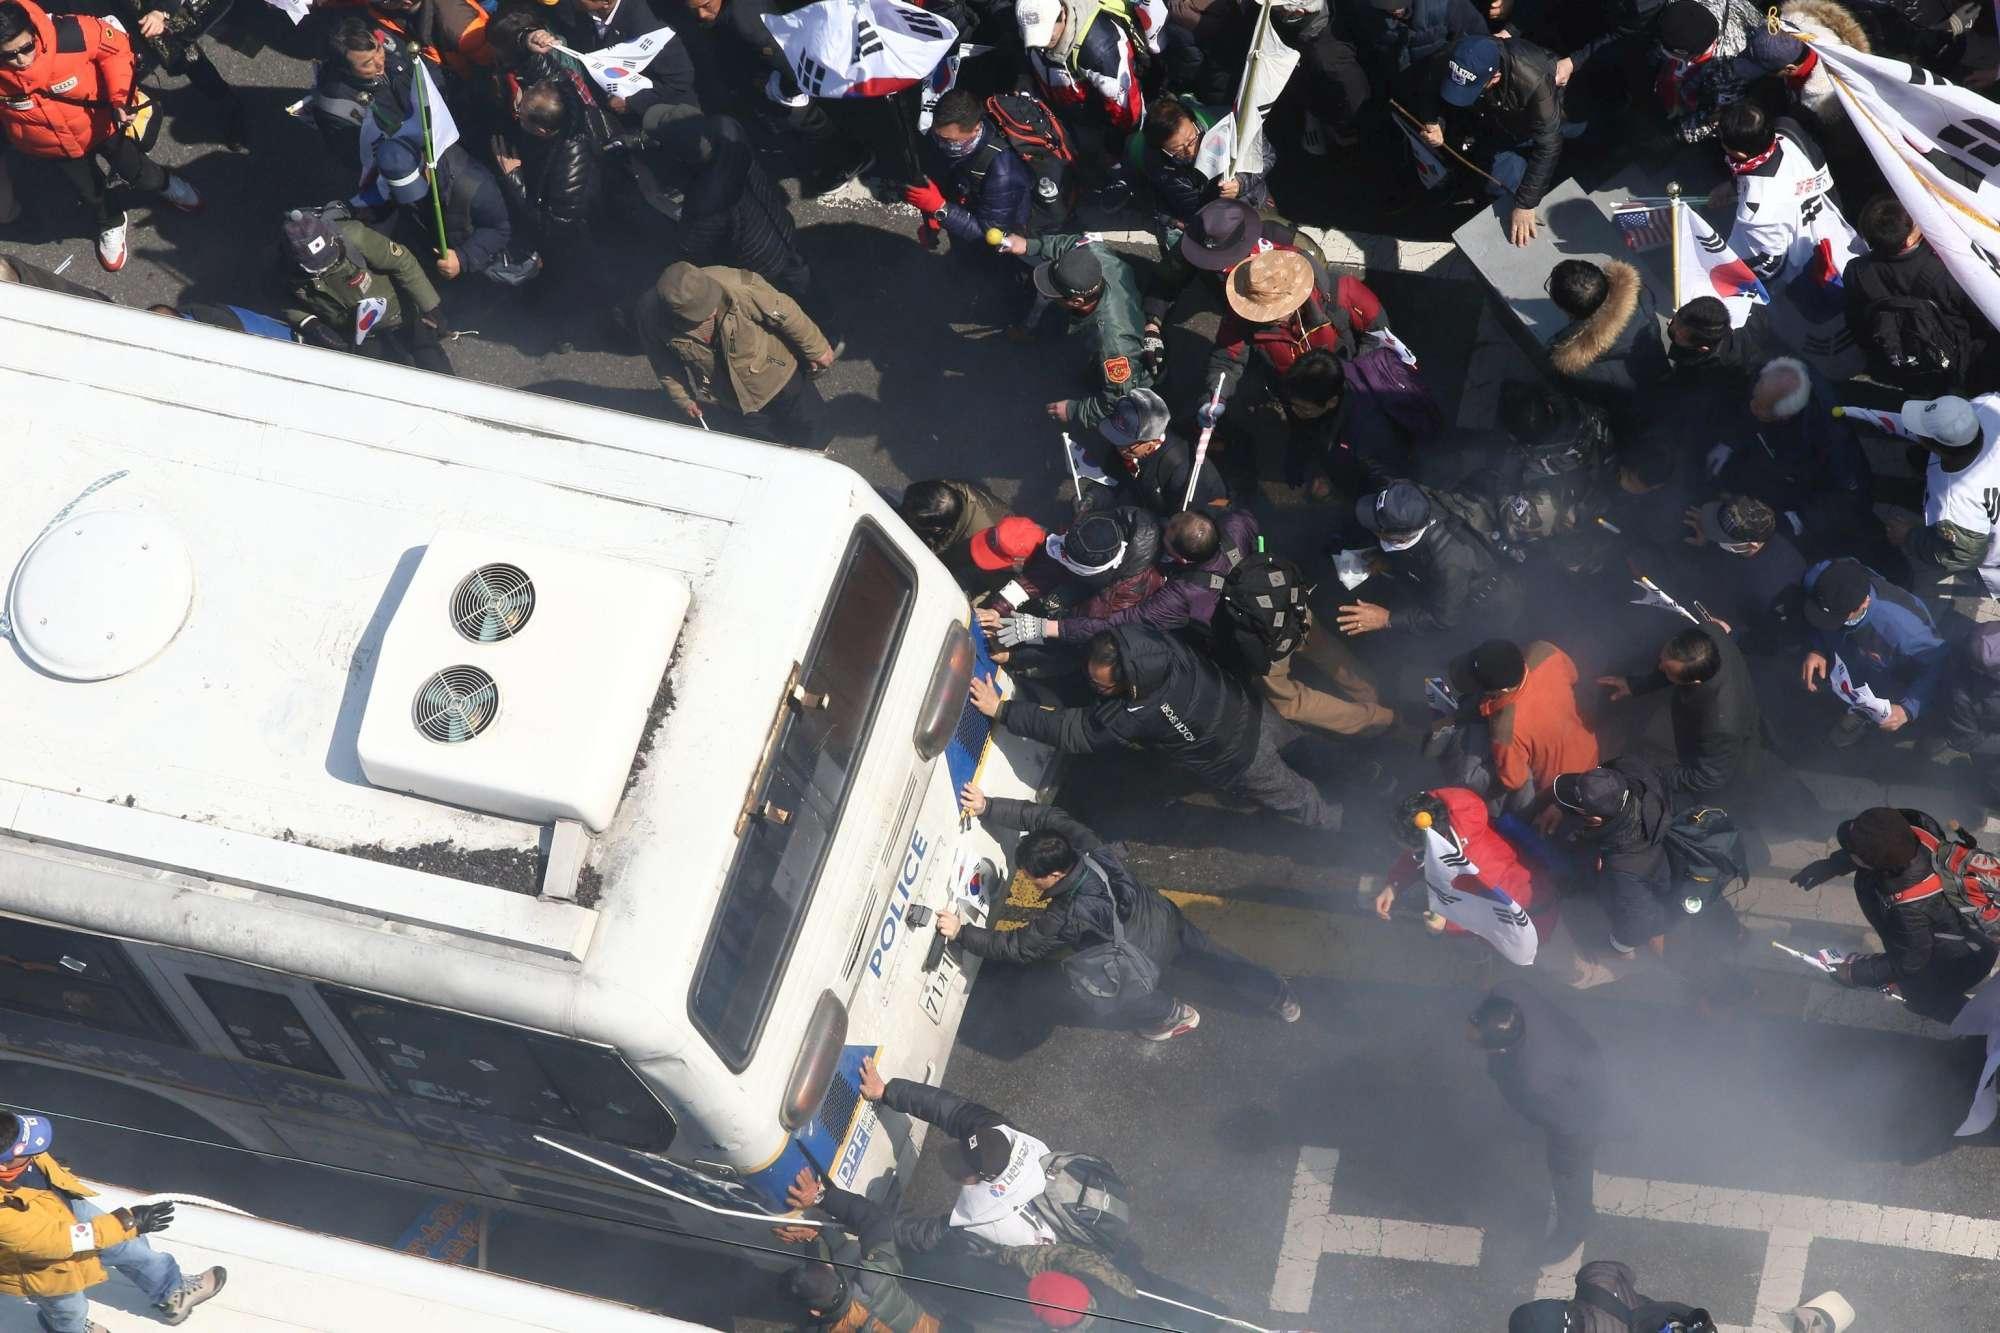 Corea del Sud, sale la tensione a Seul: scontri tra polizia e manifestanti